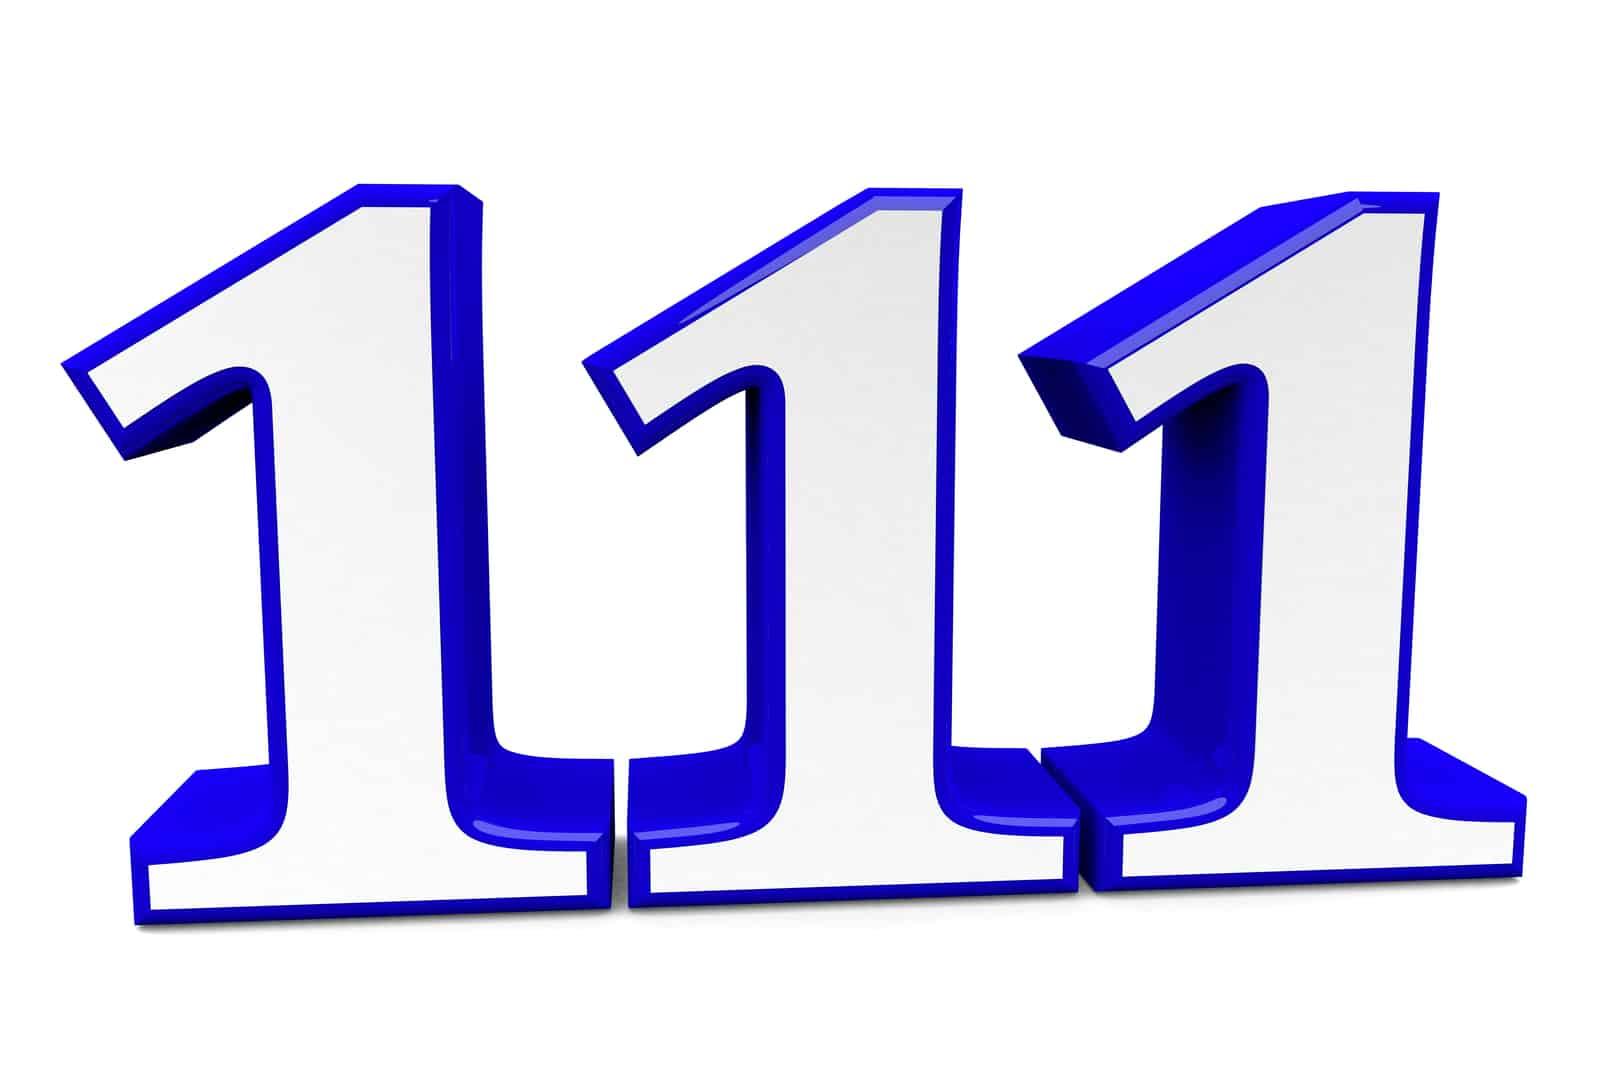 grands nombres 111 sur fond blanc